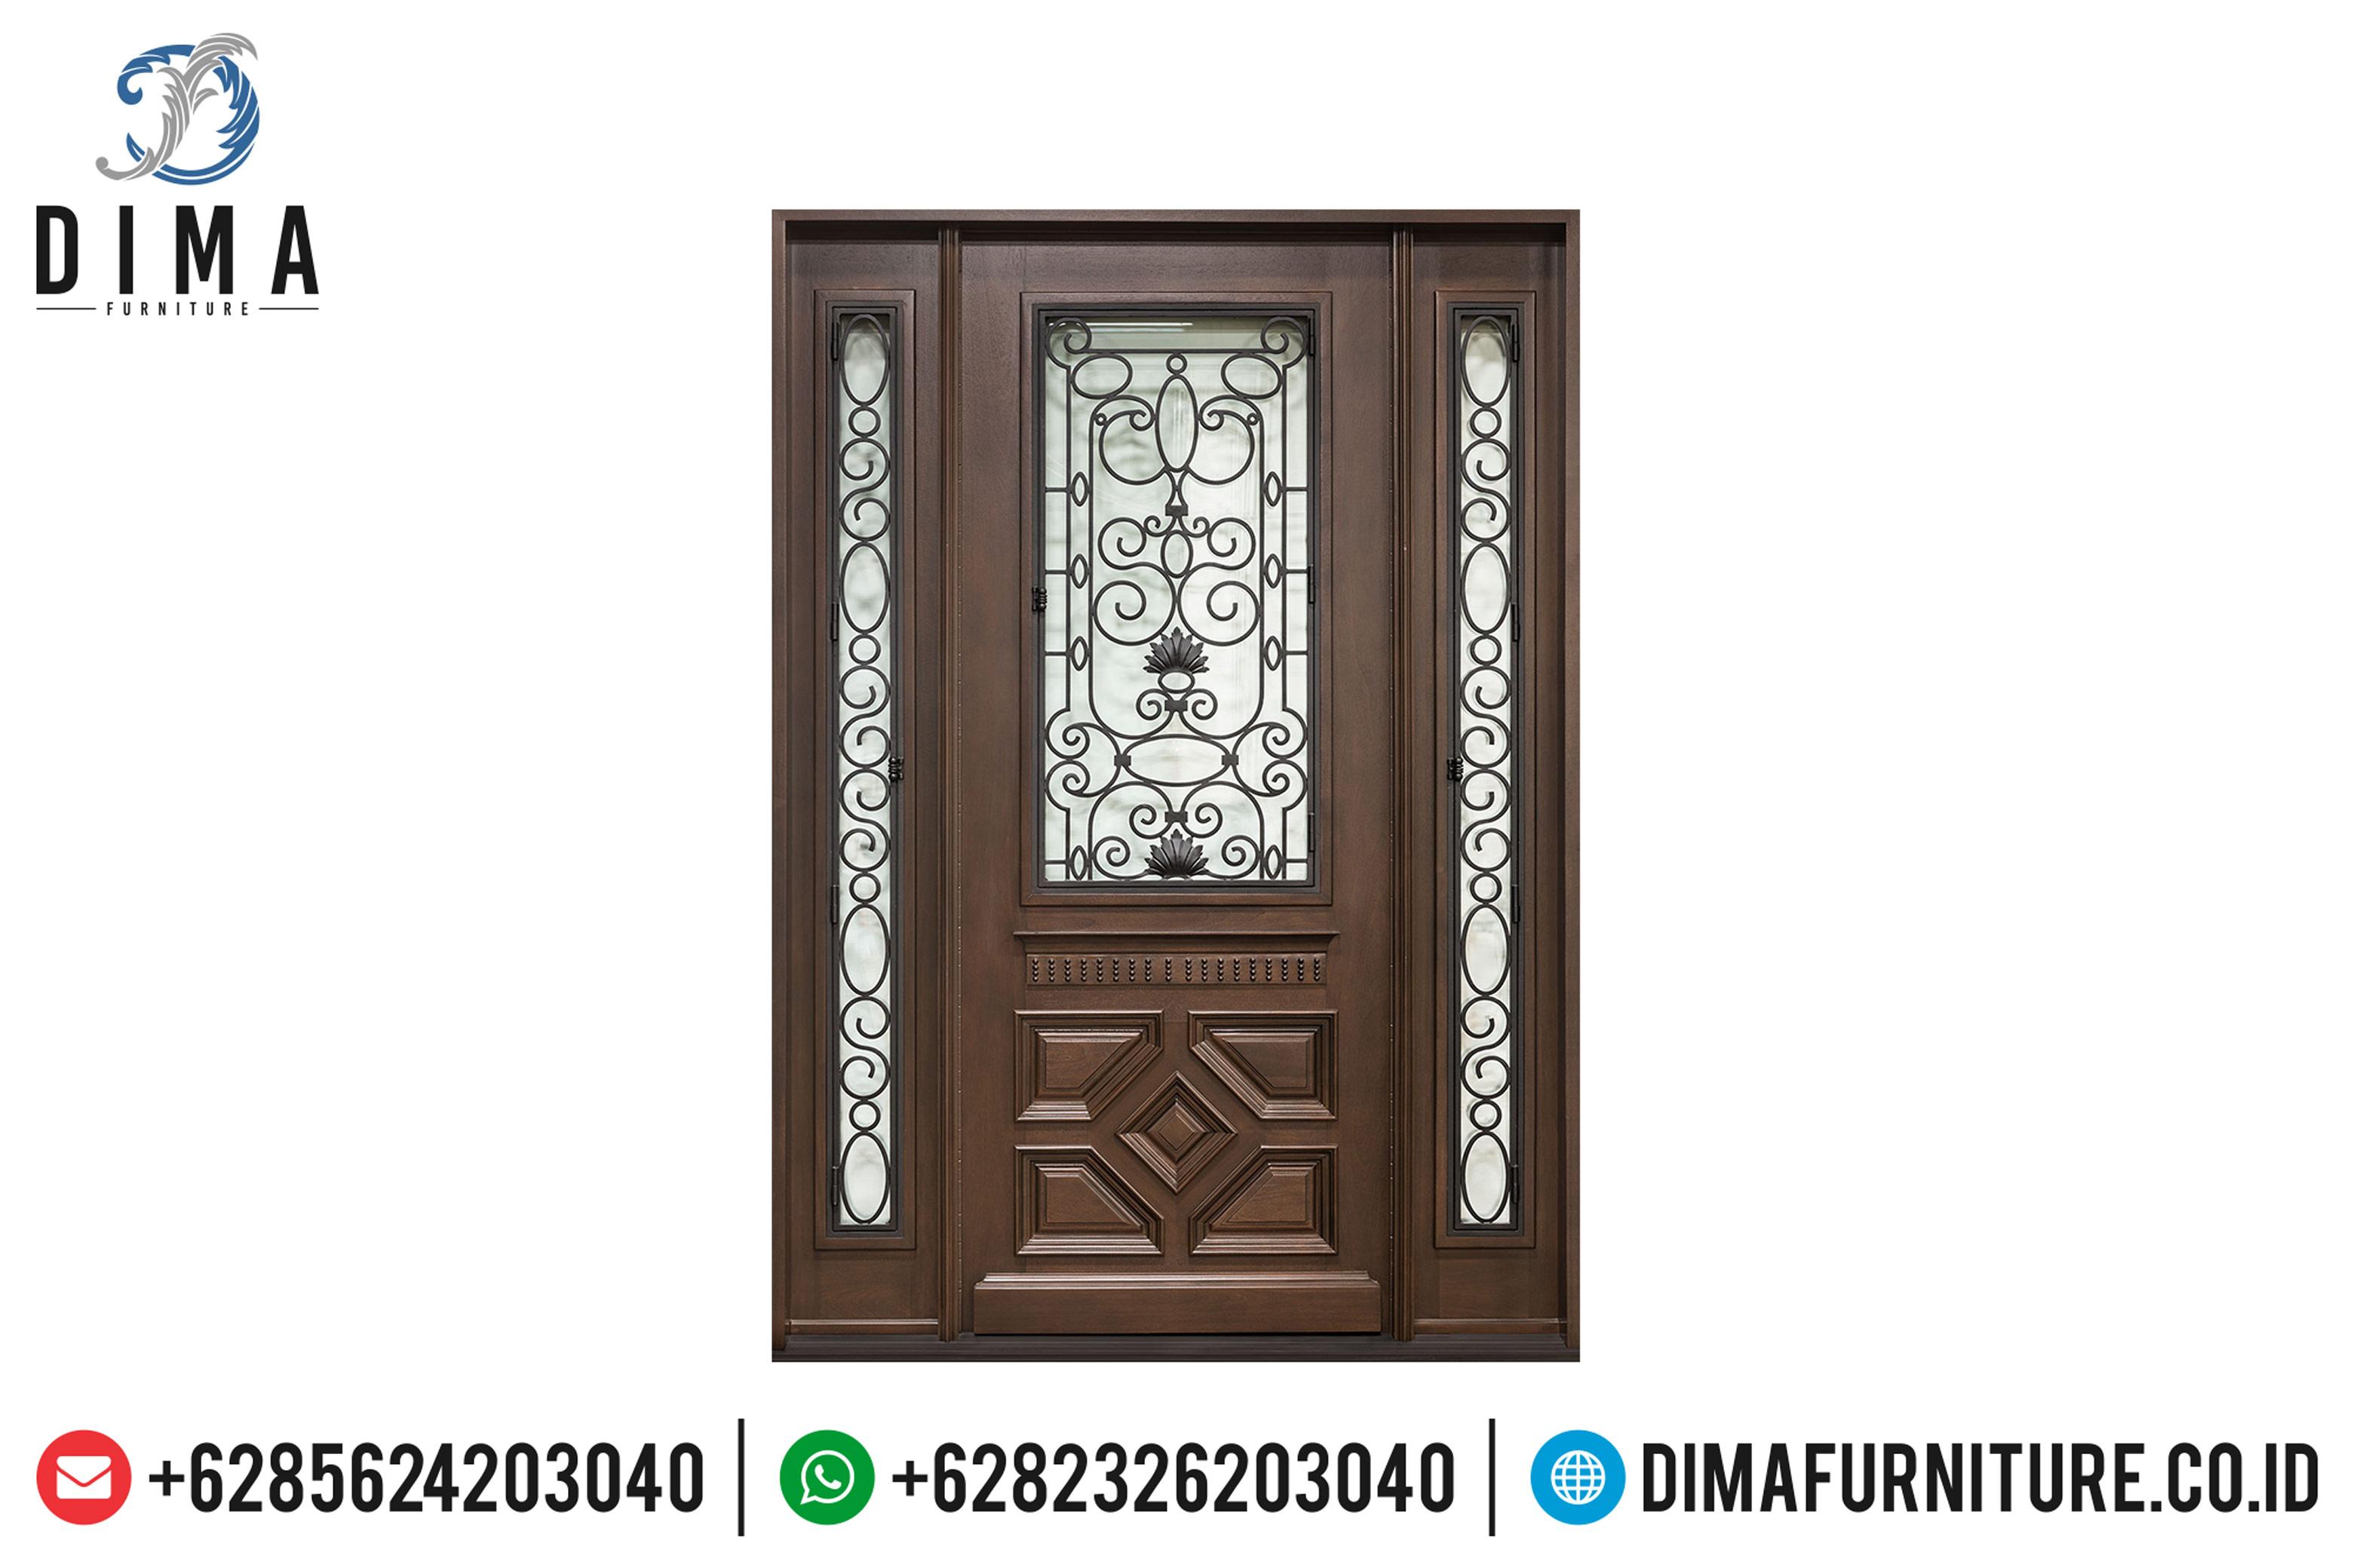 Jual Pintu Rumah Jati Jepara, Pintu Rumah Utama, Pintu Rumah Mewah Jepara DF-0825